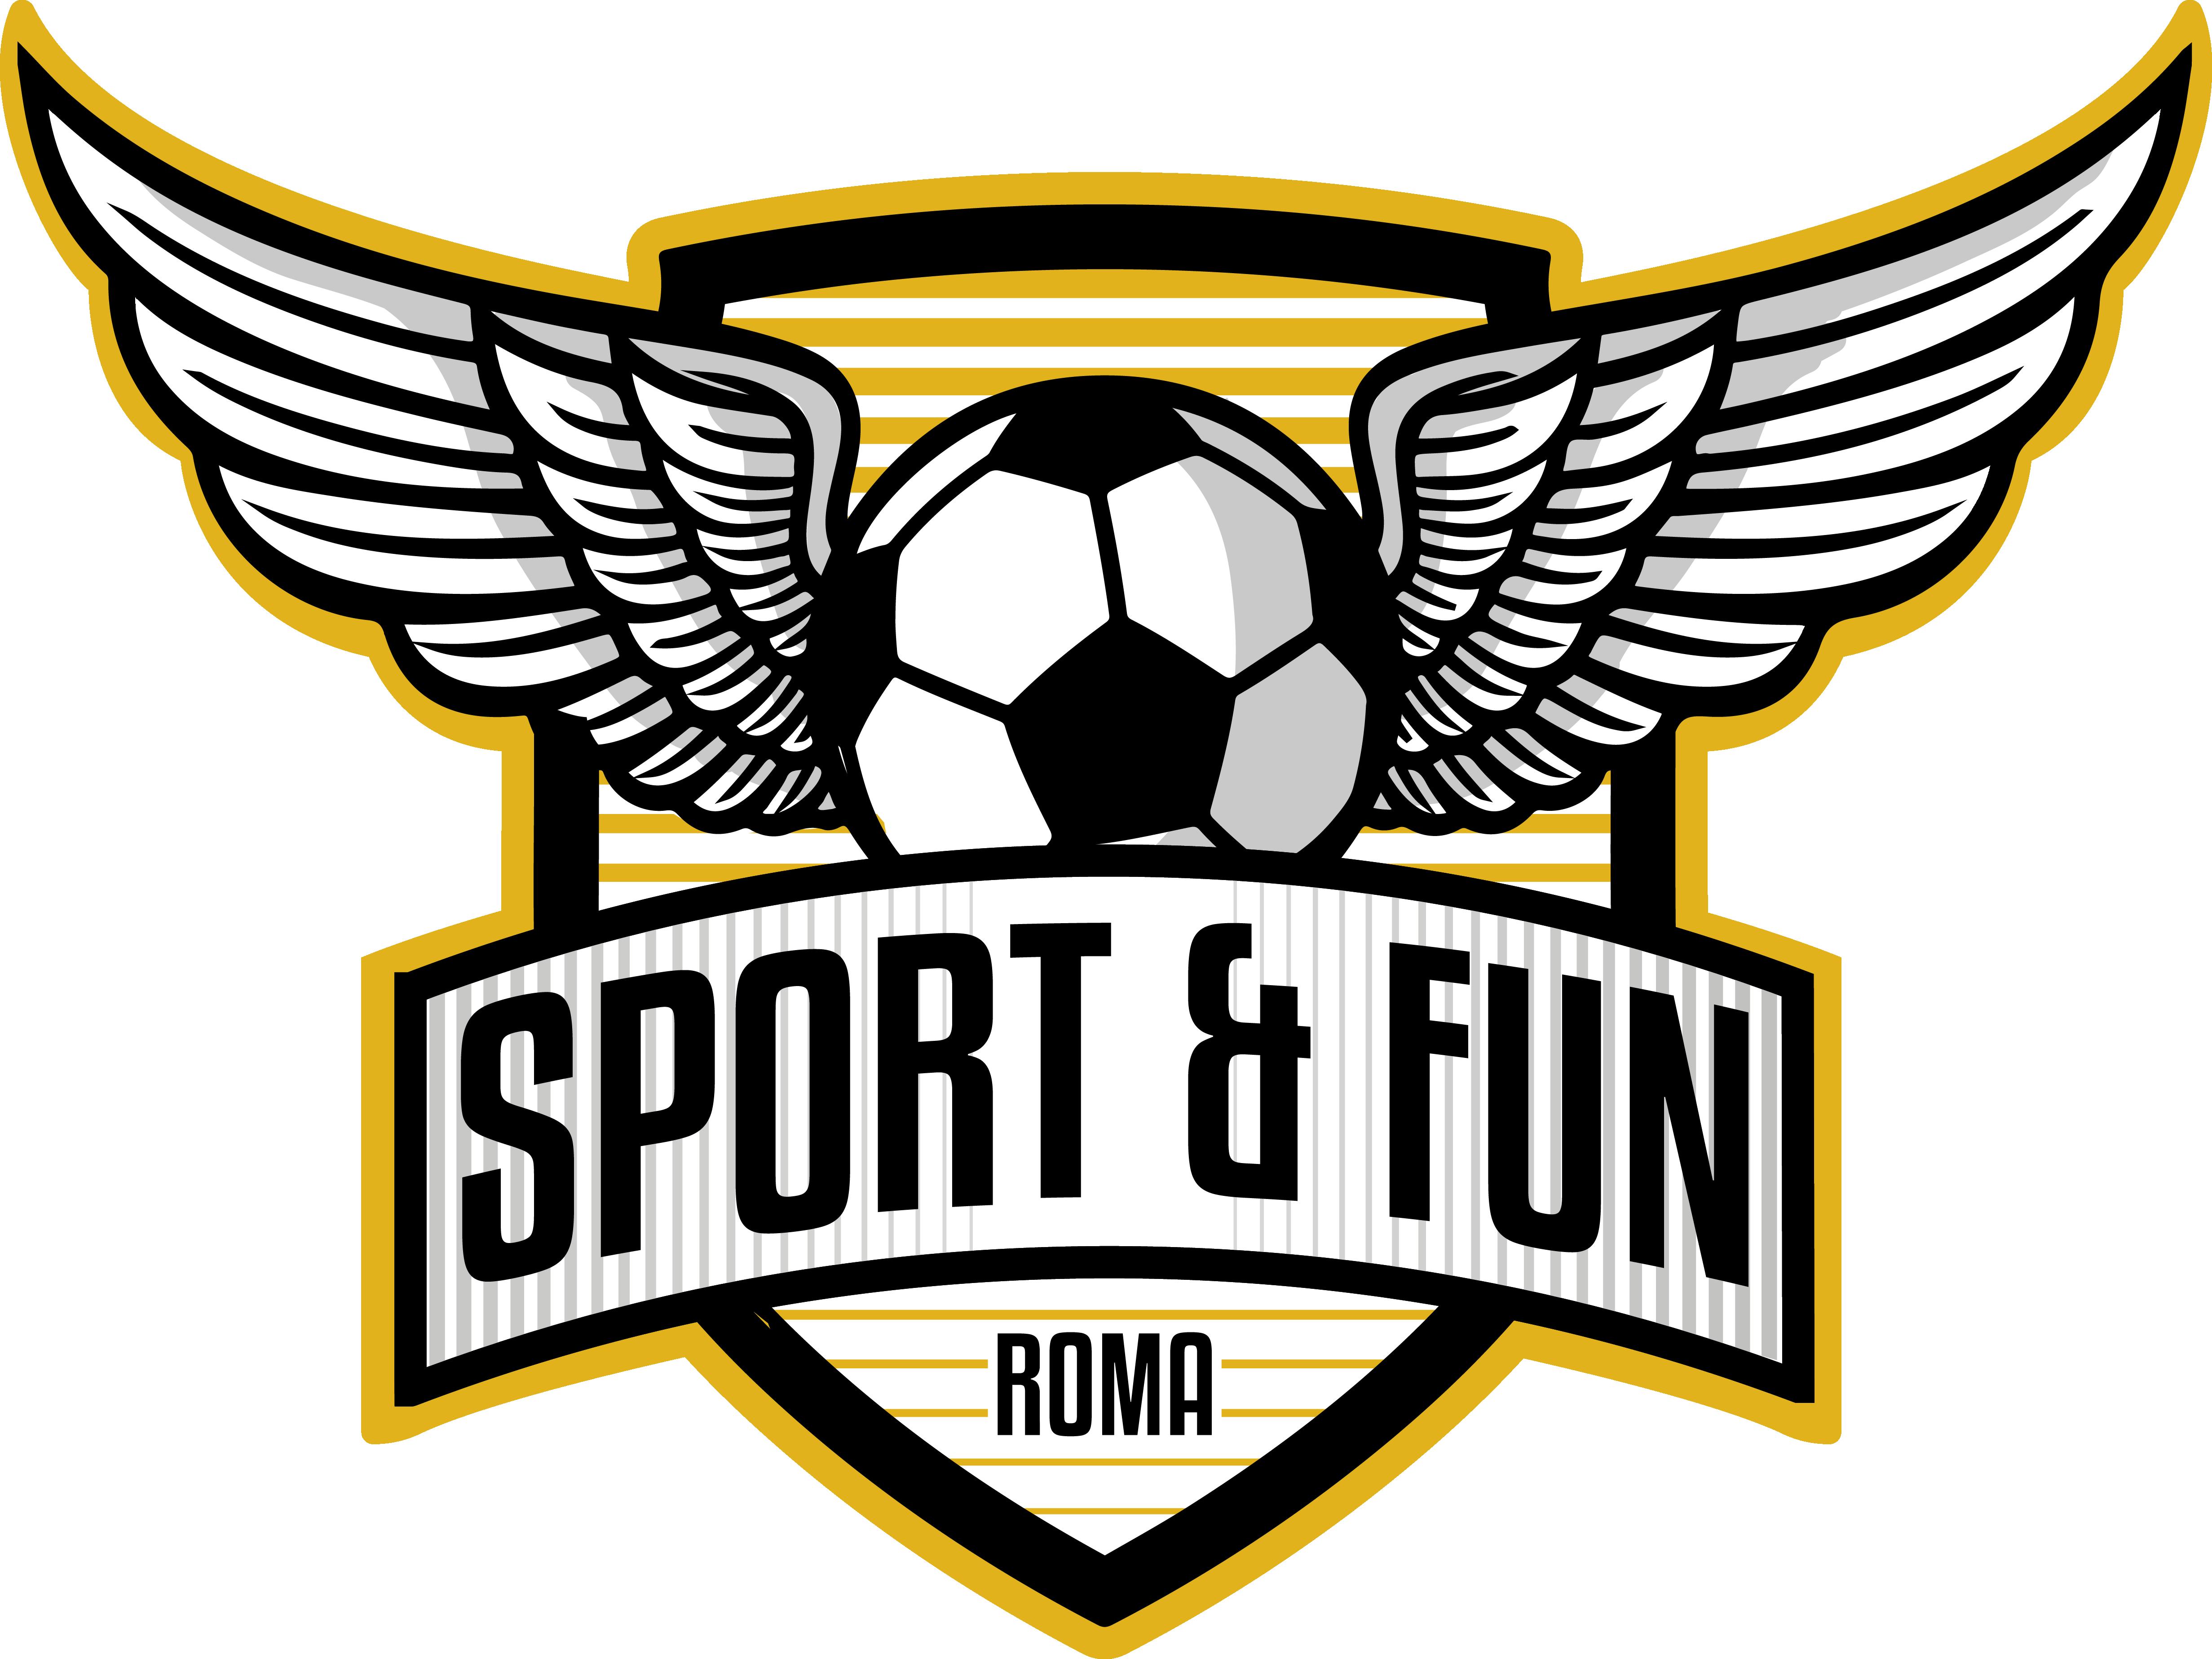 Roma Sport And Fun